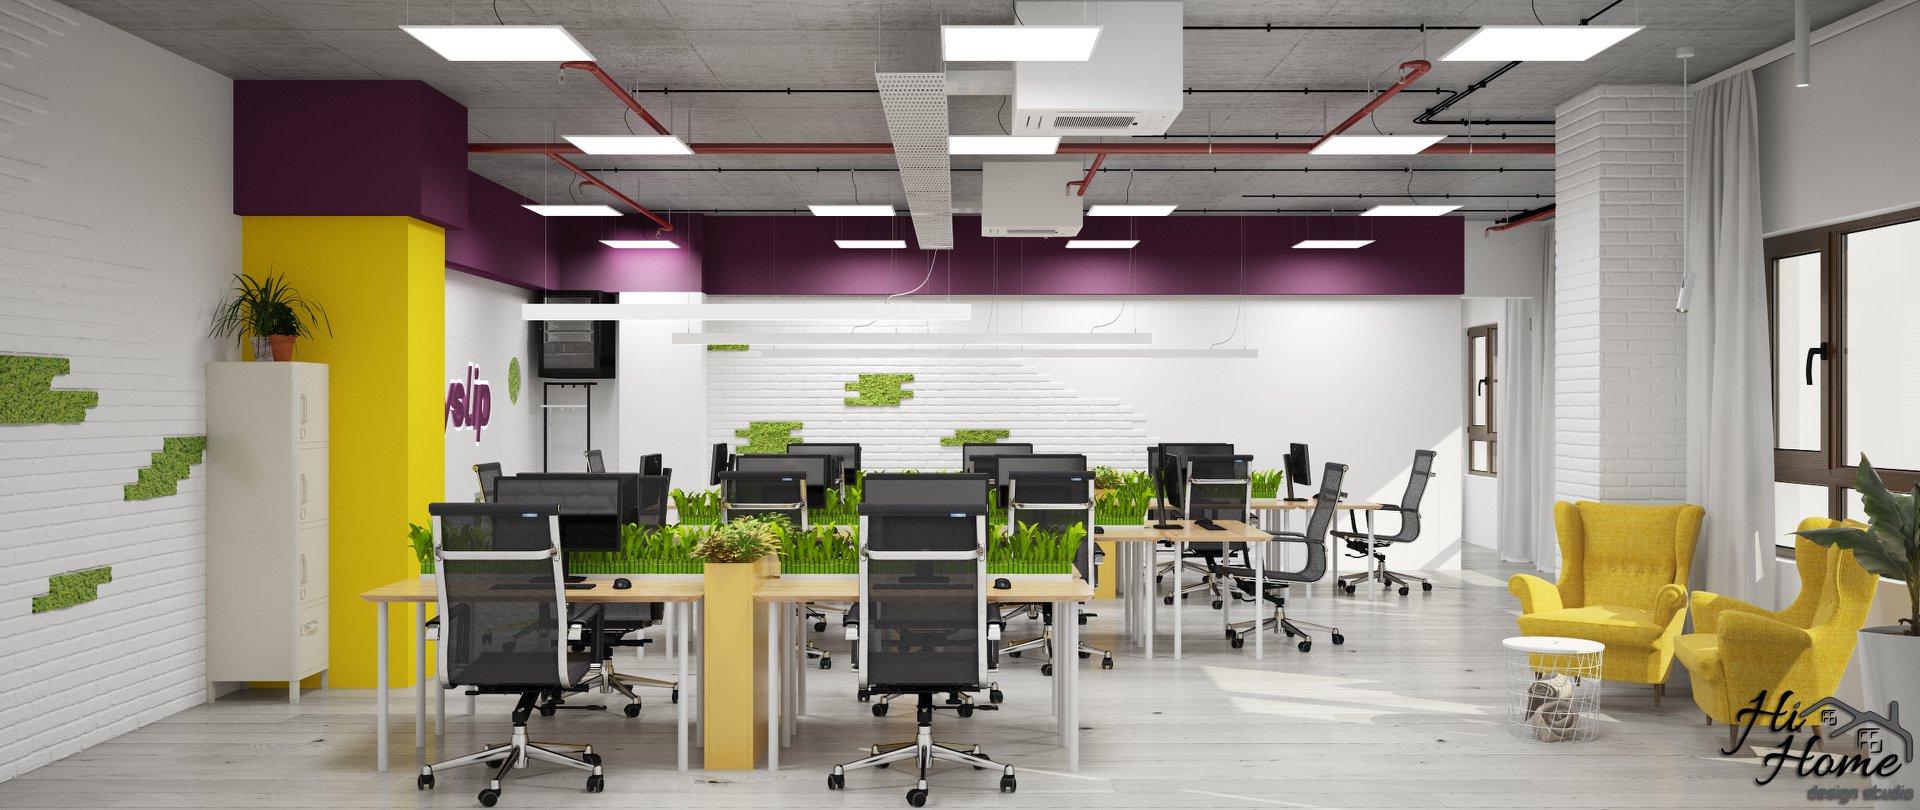 3d-офис-3